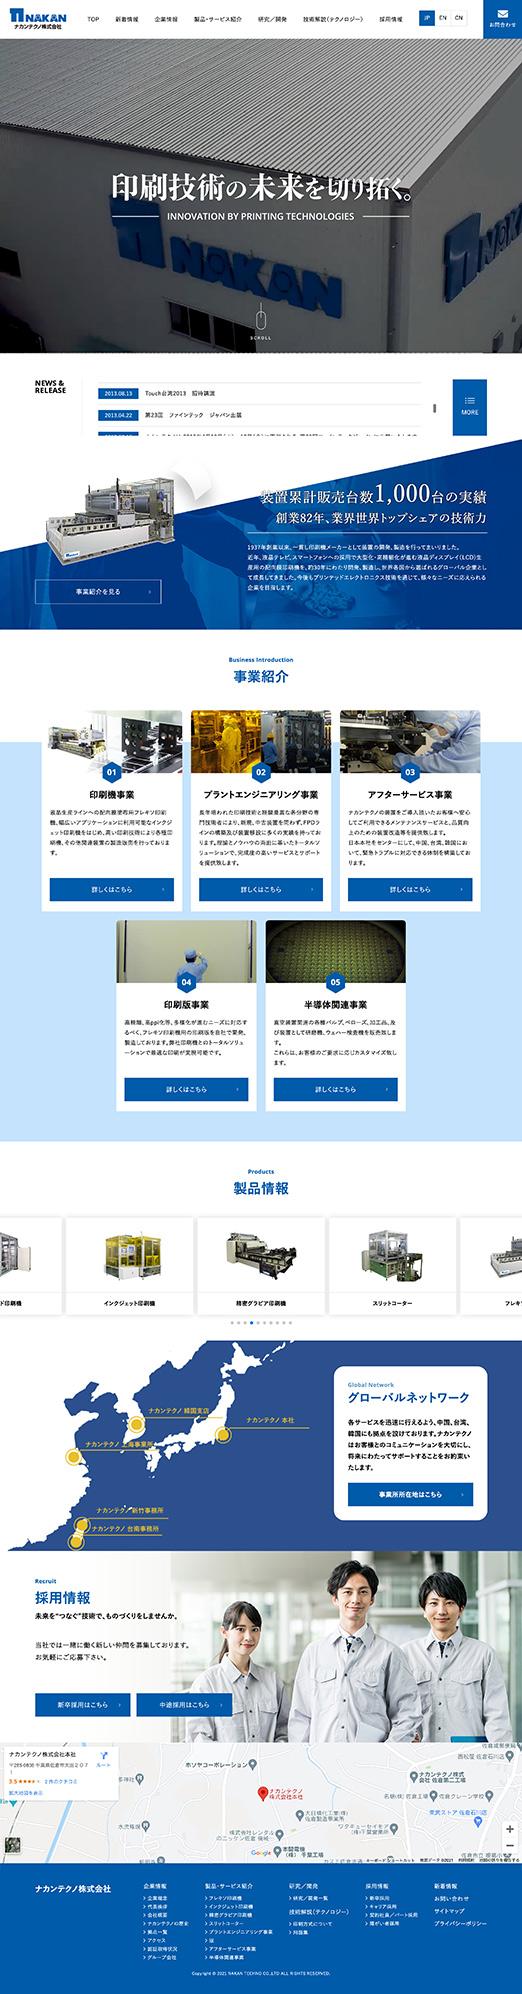 ナカンテクノ株式会社